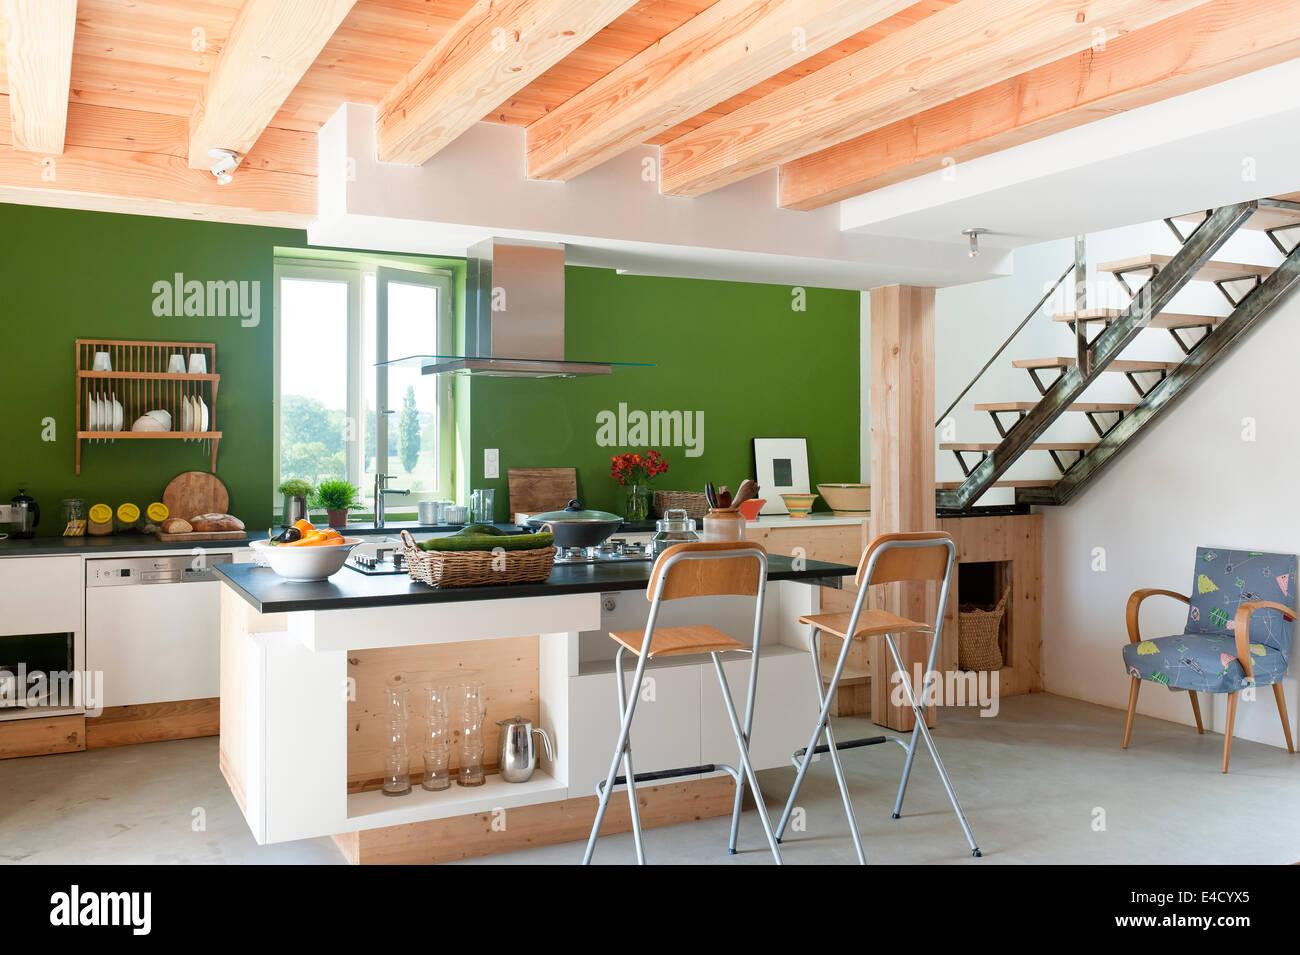 Spazioso e luminoso cucina nella nuova estensione con travi di legno